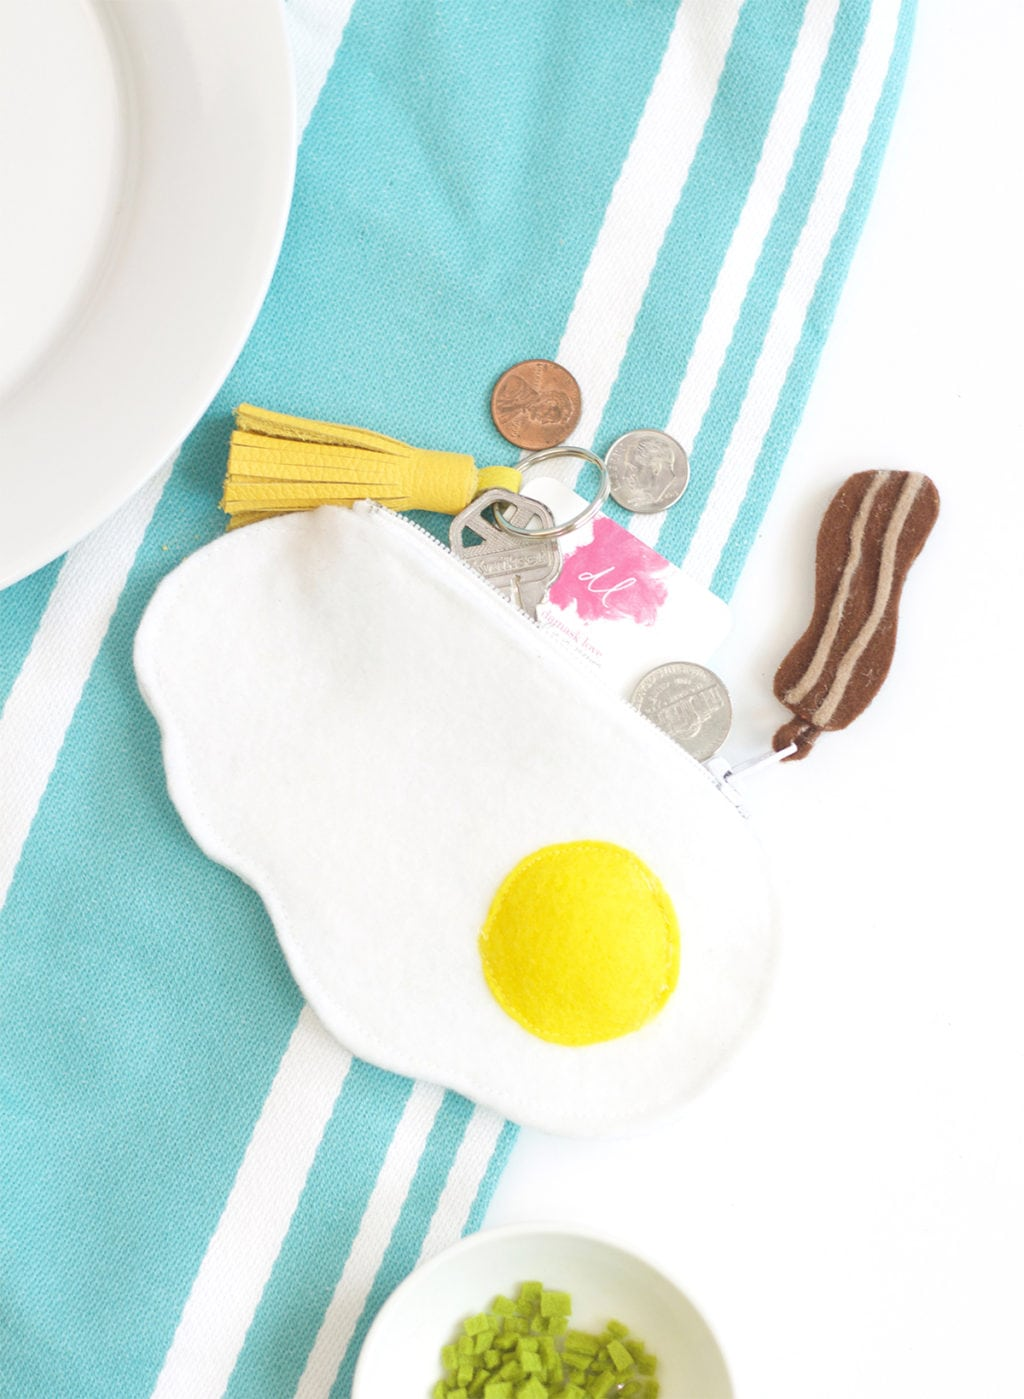 DIY Fried Egg Felt Zipper Pouch